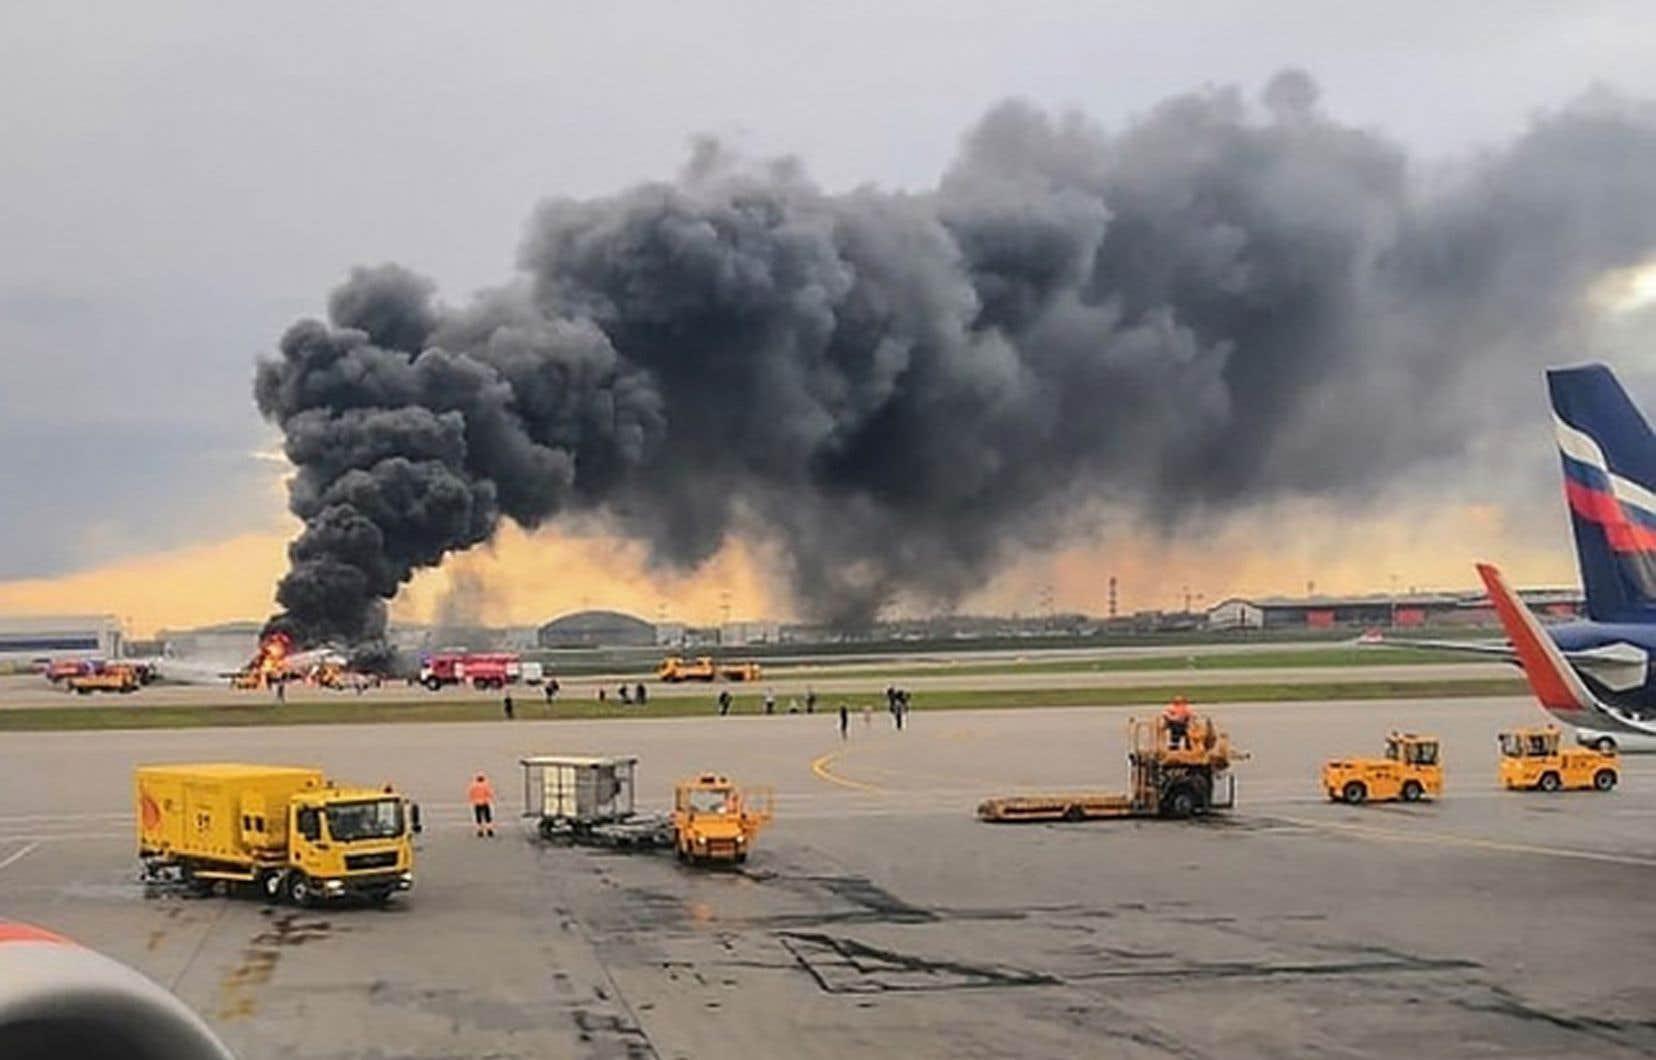 Quelques minutes après son décollage de l'aéroport de Moscou-Cheremetievo vers Mourmansk, le Superjet 100 a dû faire demi-tour pour un atterrissage d'urgence au cours duquel l'arrière de l'avion s'est embrasé.